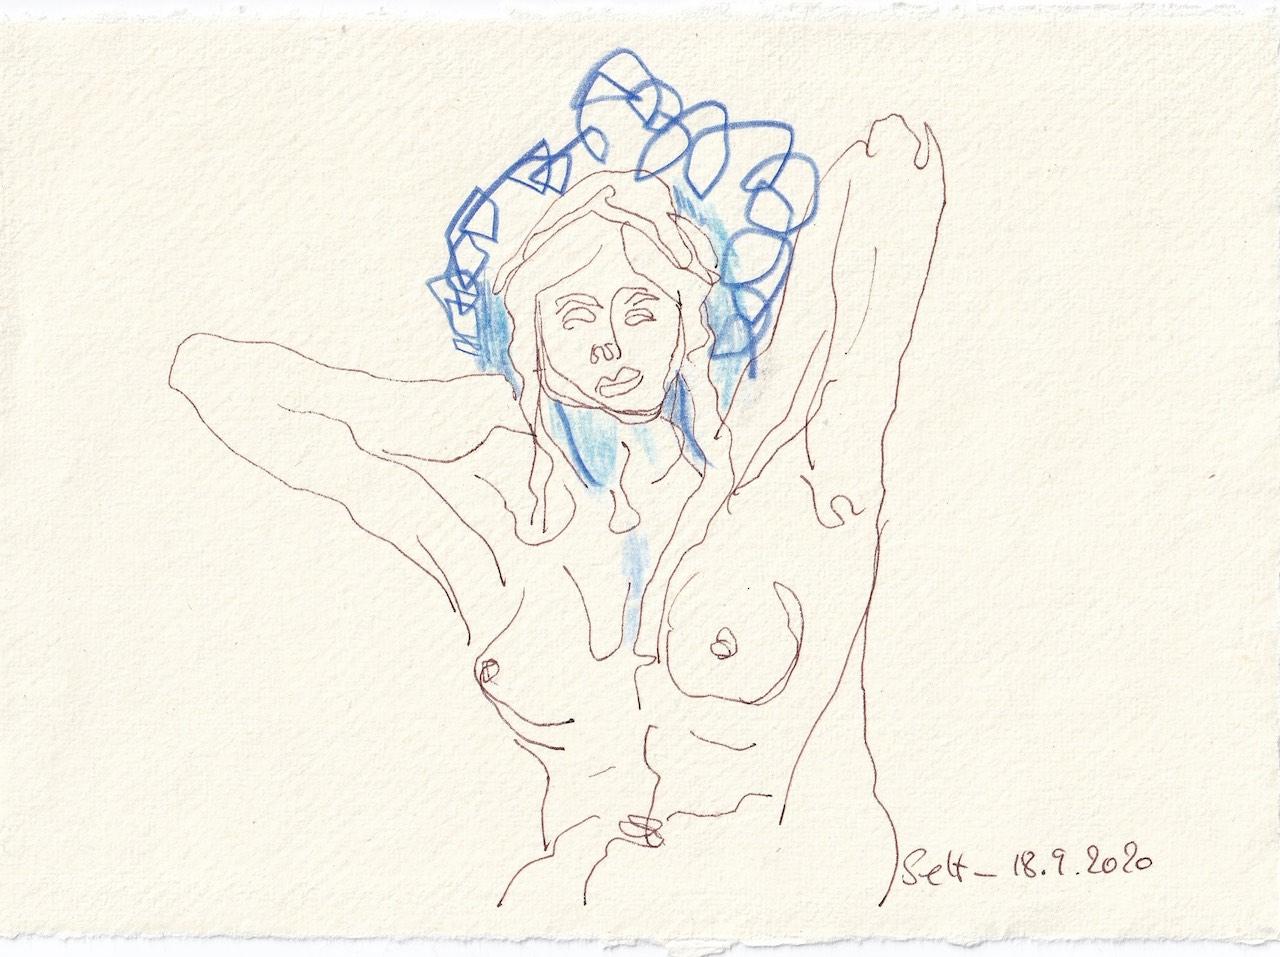 Tagebucheintrag 18.09.2020, Was geht ihr wohl im Kopf herum?, 20 x 15 cm, Tinte und Buntstift auf Silberburg Büttenpapier, Zeichnung von Susanne Haun (c) VG Bild-Kunst, Bonn 2020